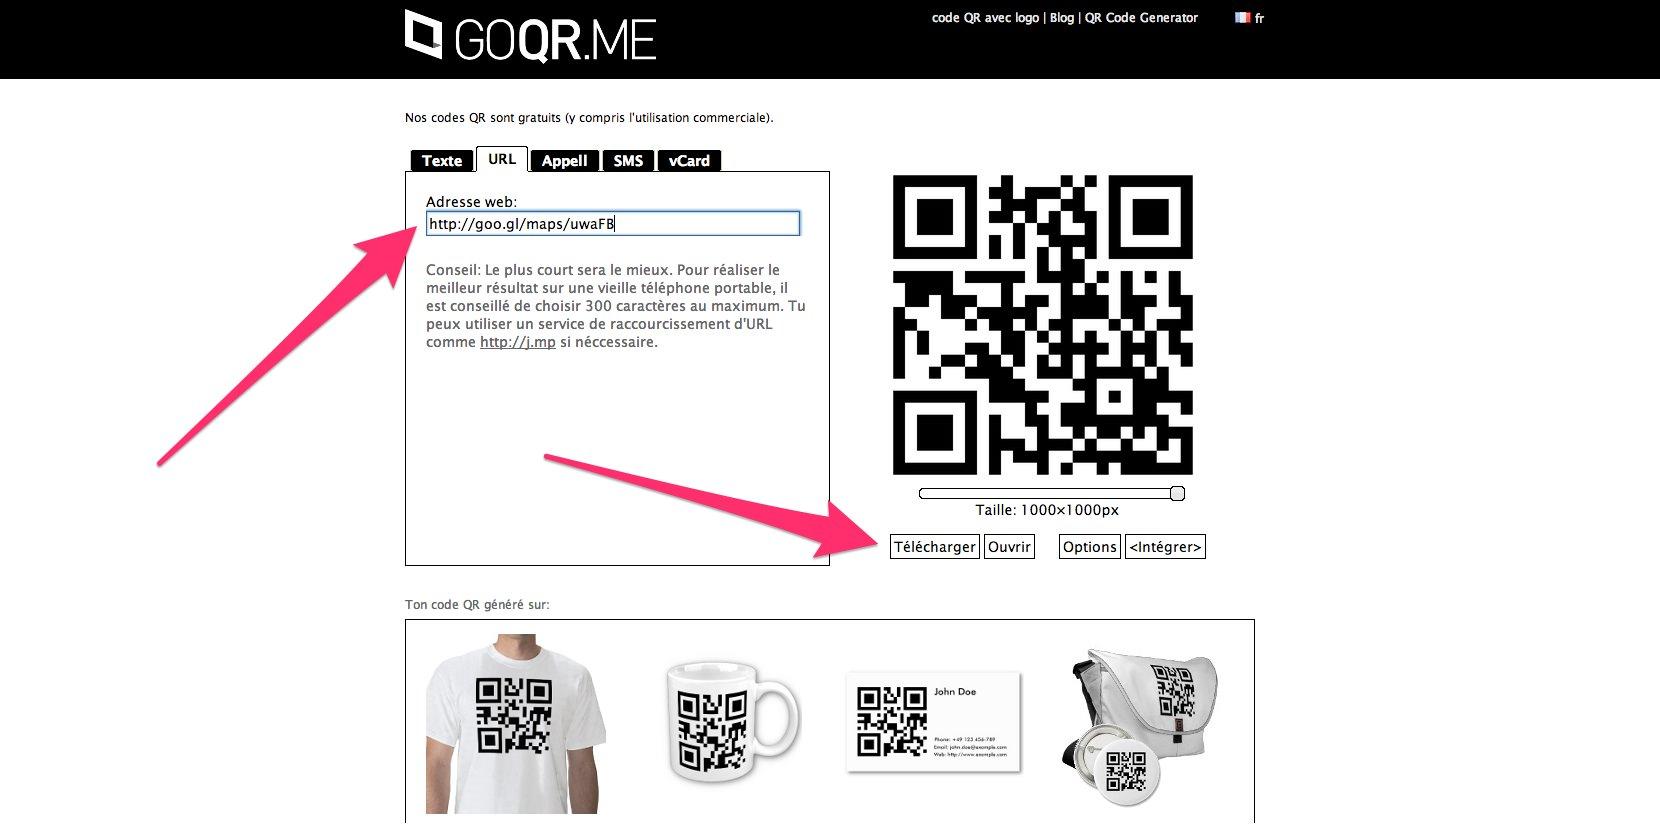 Copiez Ladresse Courte De Votre Visite Virtuelle Et Allez Sur Goqrme Gnrateur QR Code Gratuit Y Compris Lutilisation Commerciale